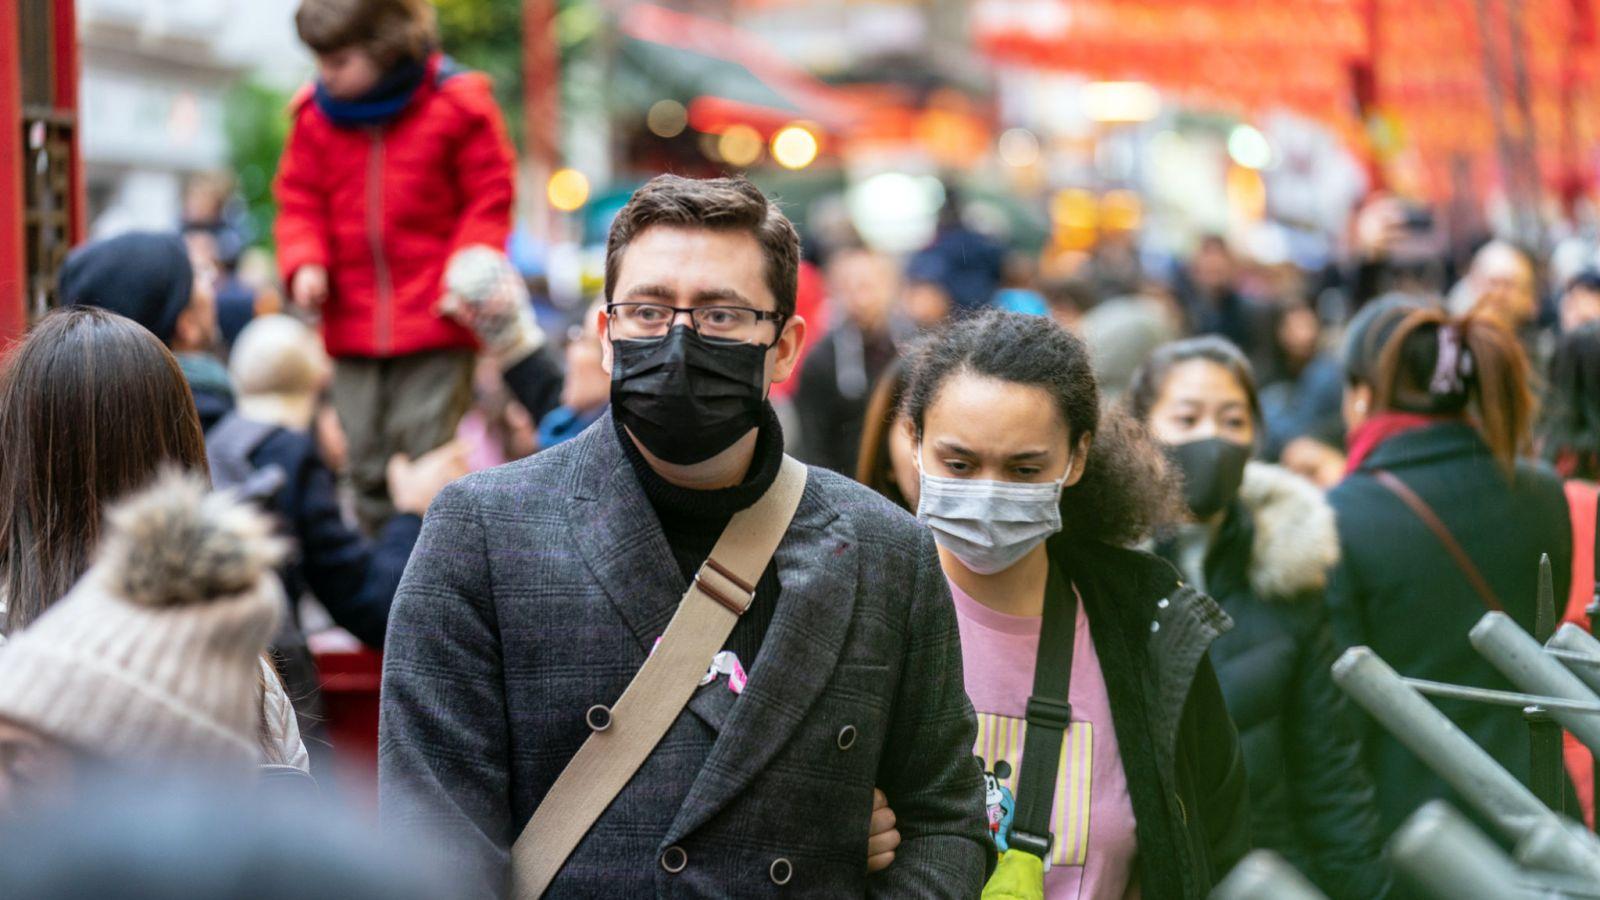 Προστατευτική μάσκα: Ποια απαγορεύεται – Που θα πρέπει να τις φοράμε από 4 Μαΐου